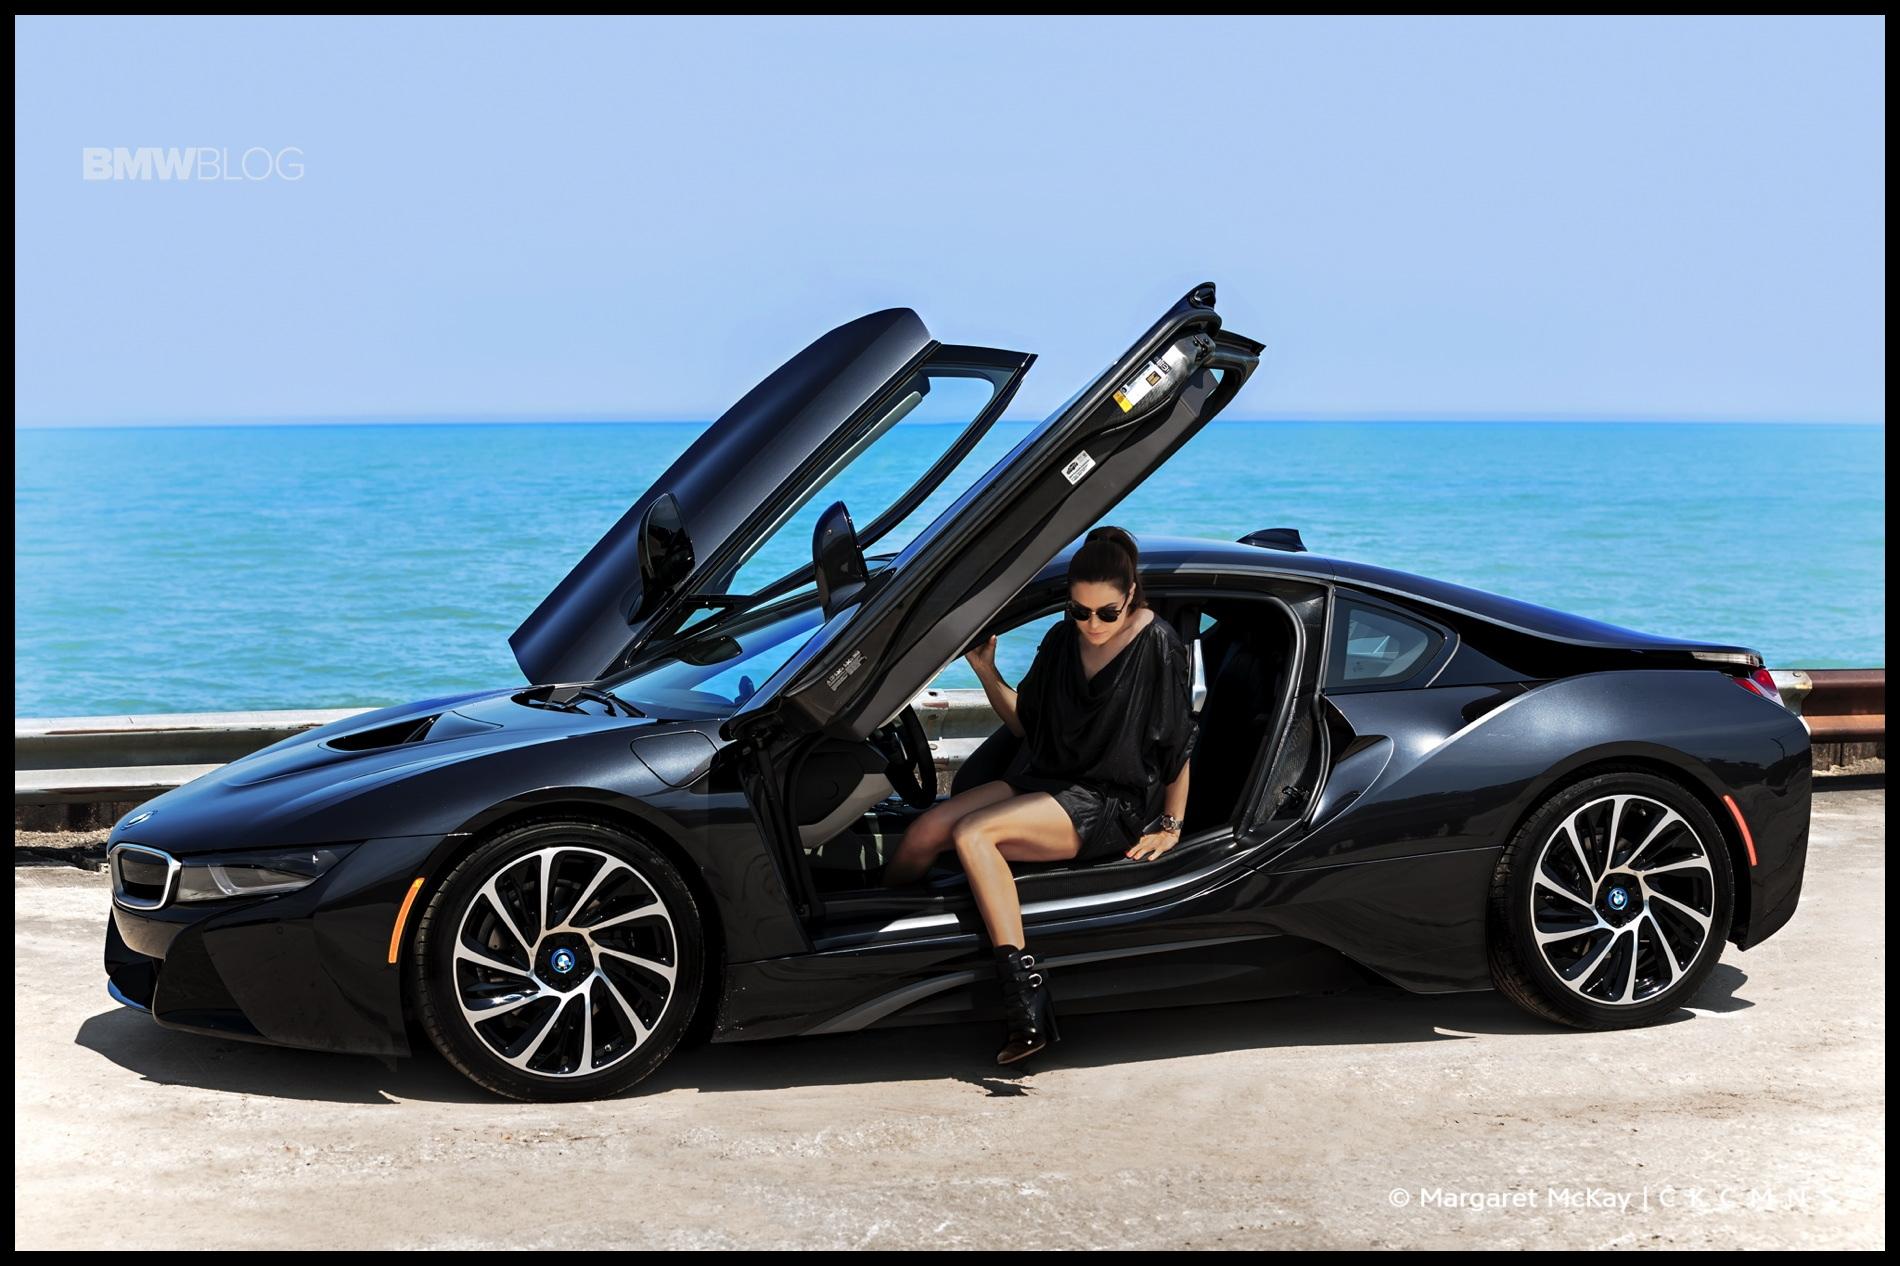 2015 BMW i8 Test Drive 1900x1200 20